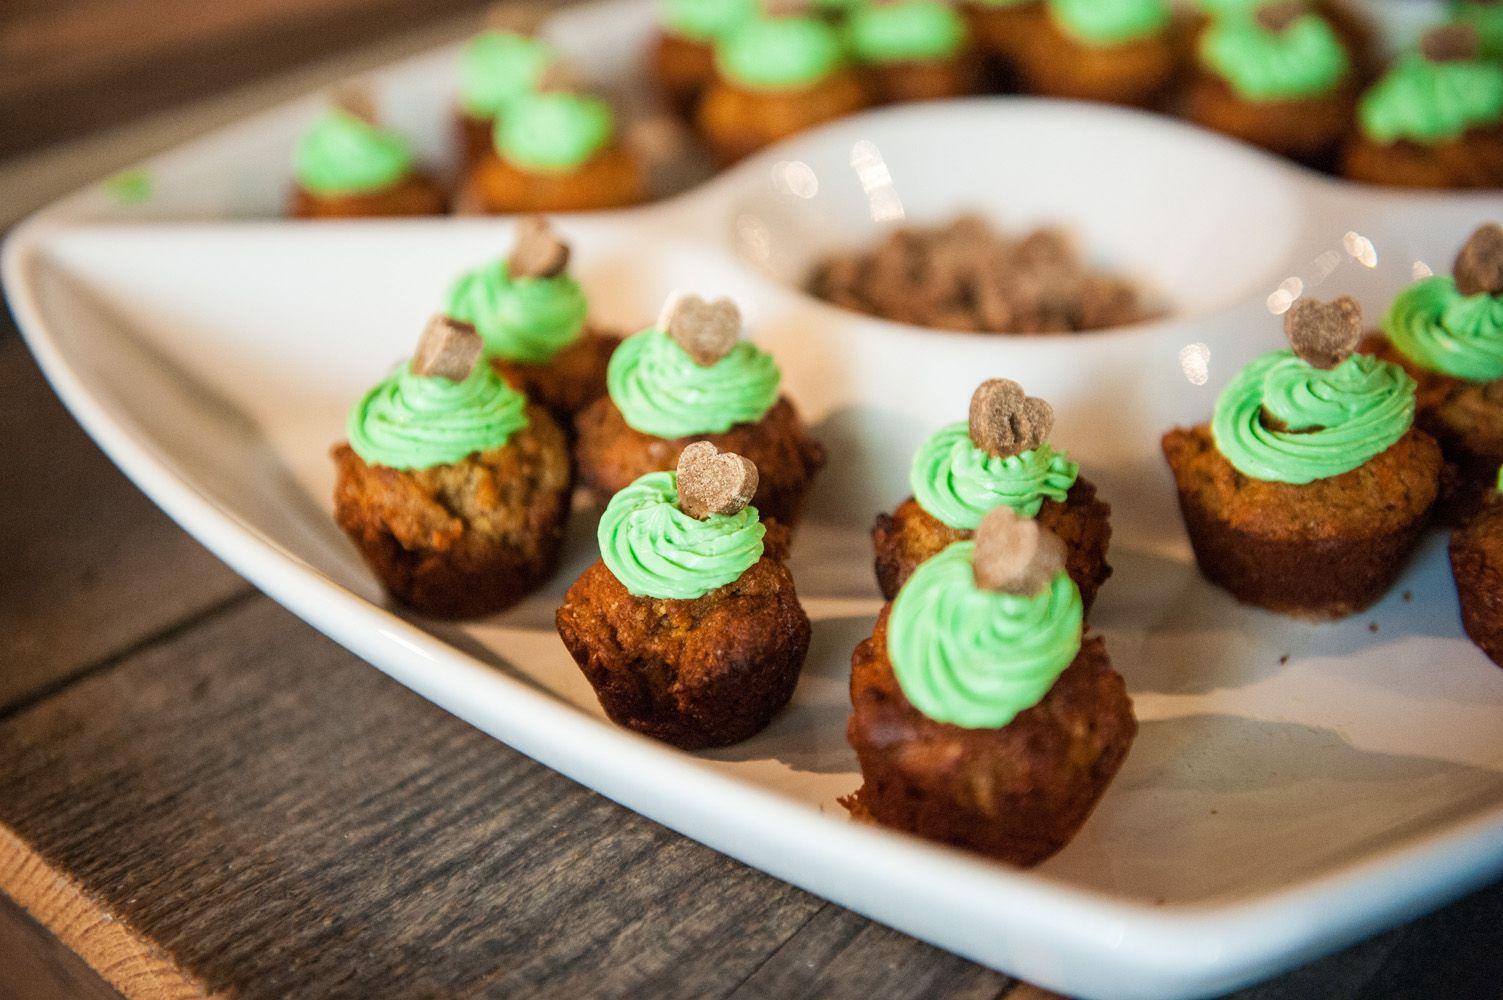 Animal vert l'épicerie pour animaux - Petites gâteries naturelles pour animaux. Cliquez sur l'image pour en savoir plus.